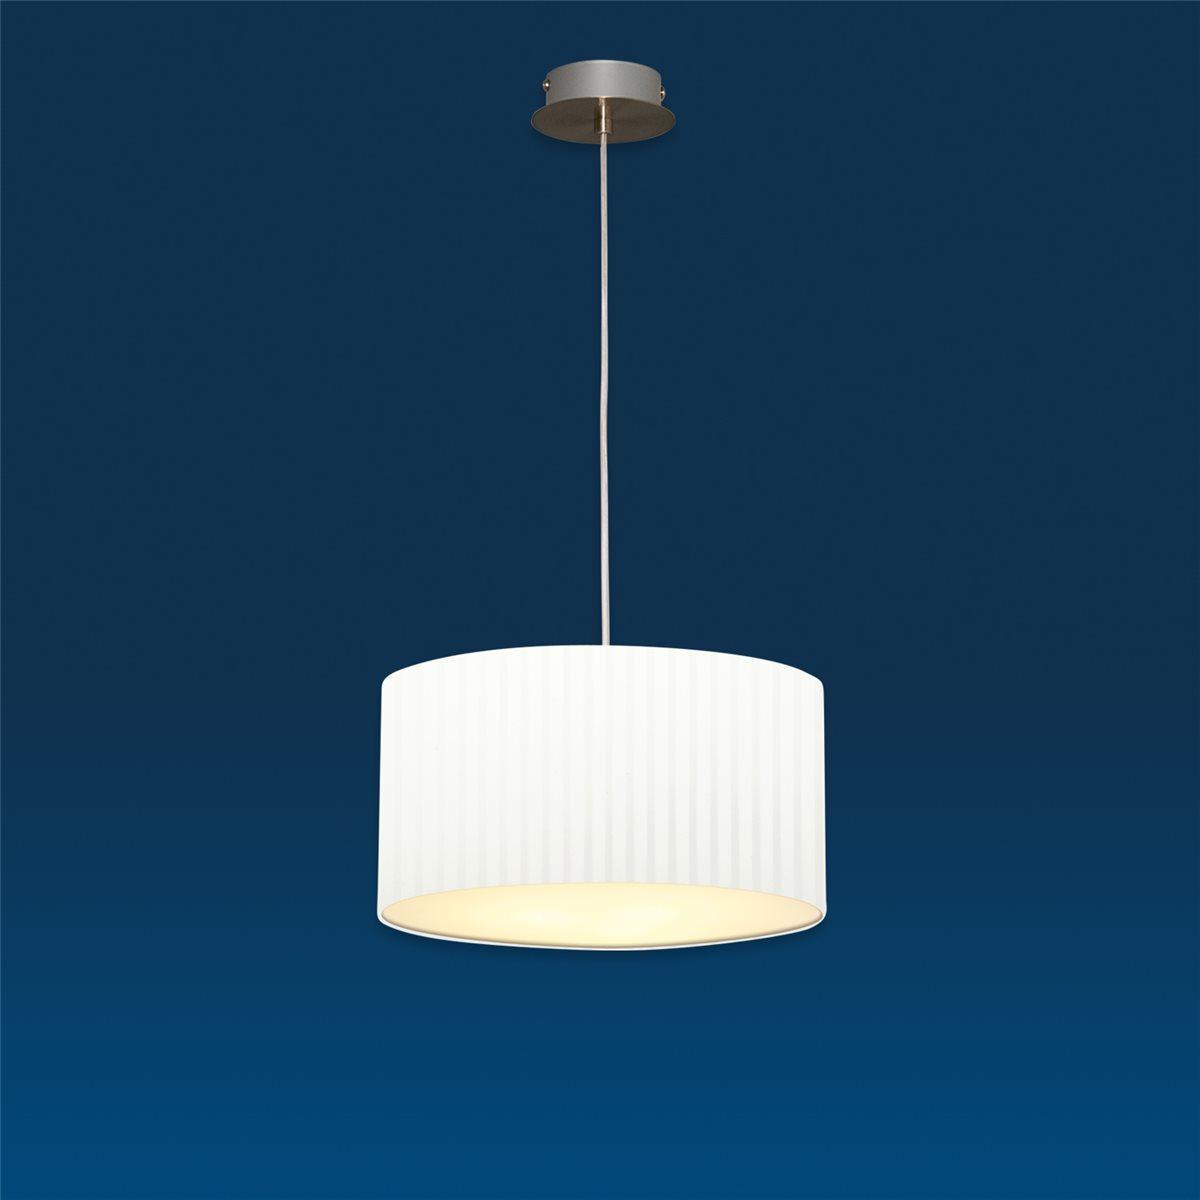 Lampenlux Pendelleuchte Nero Lamitex Weiß Hängeleuchte Bauhaus Höhenverstellbar Nickel Satiniert Lichtdurchlässige Folie Robust Hängelampe Pendellampe Ø45cm